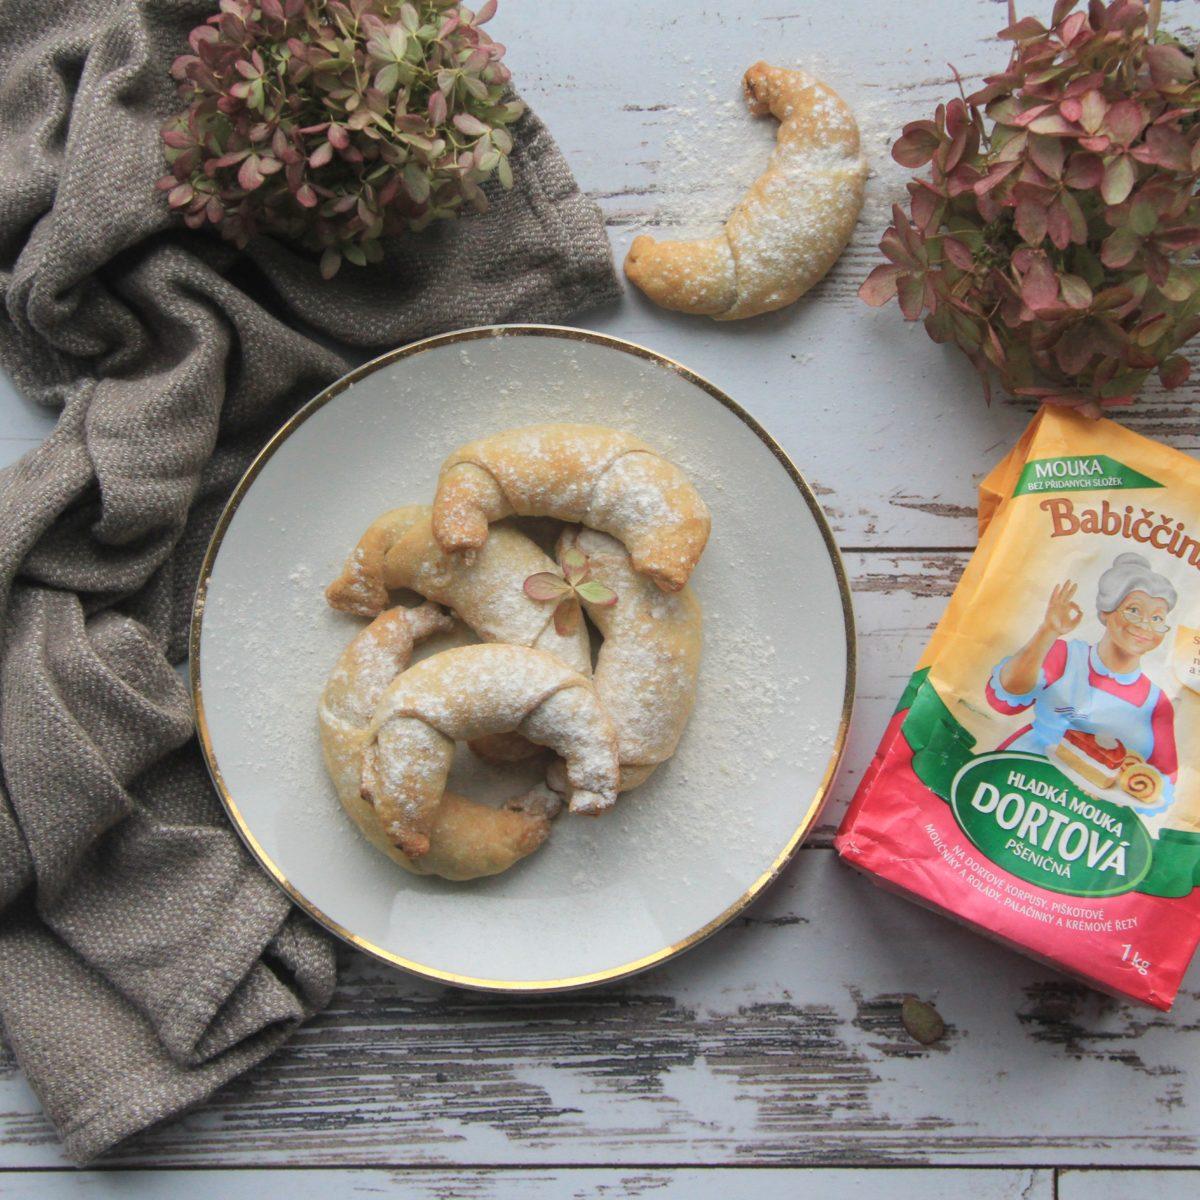 Svatomartinské rohlíčky sořechovo-jablečnou náplní